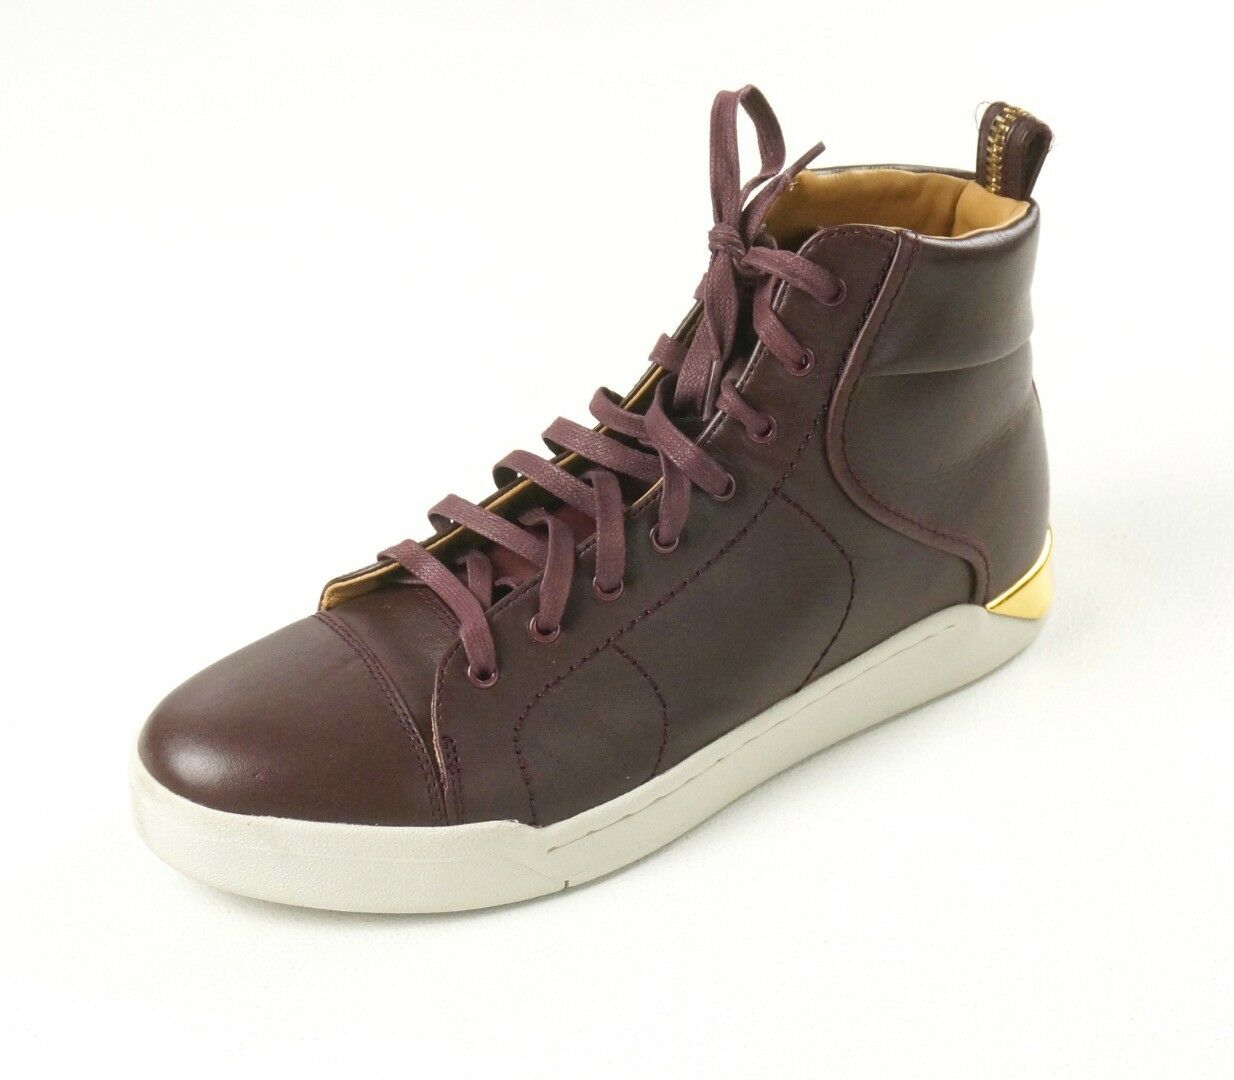 Nuovo Diesel Bordeaux pelle oro Tempus Marchesa Caviglia Alta scarpe da ginnastica Alla Moda | Materiali Di Alta Qualità  | Uomini/Donna Scarpa